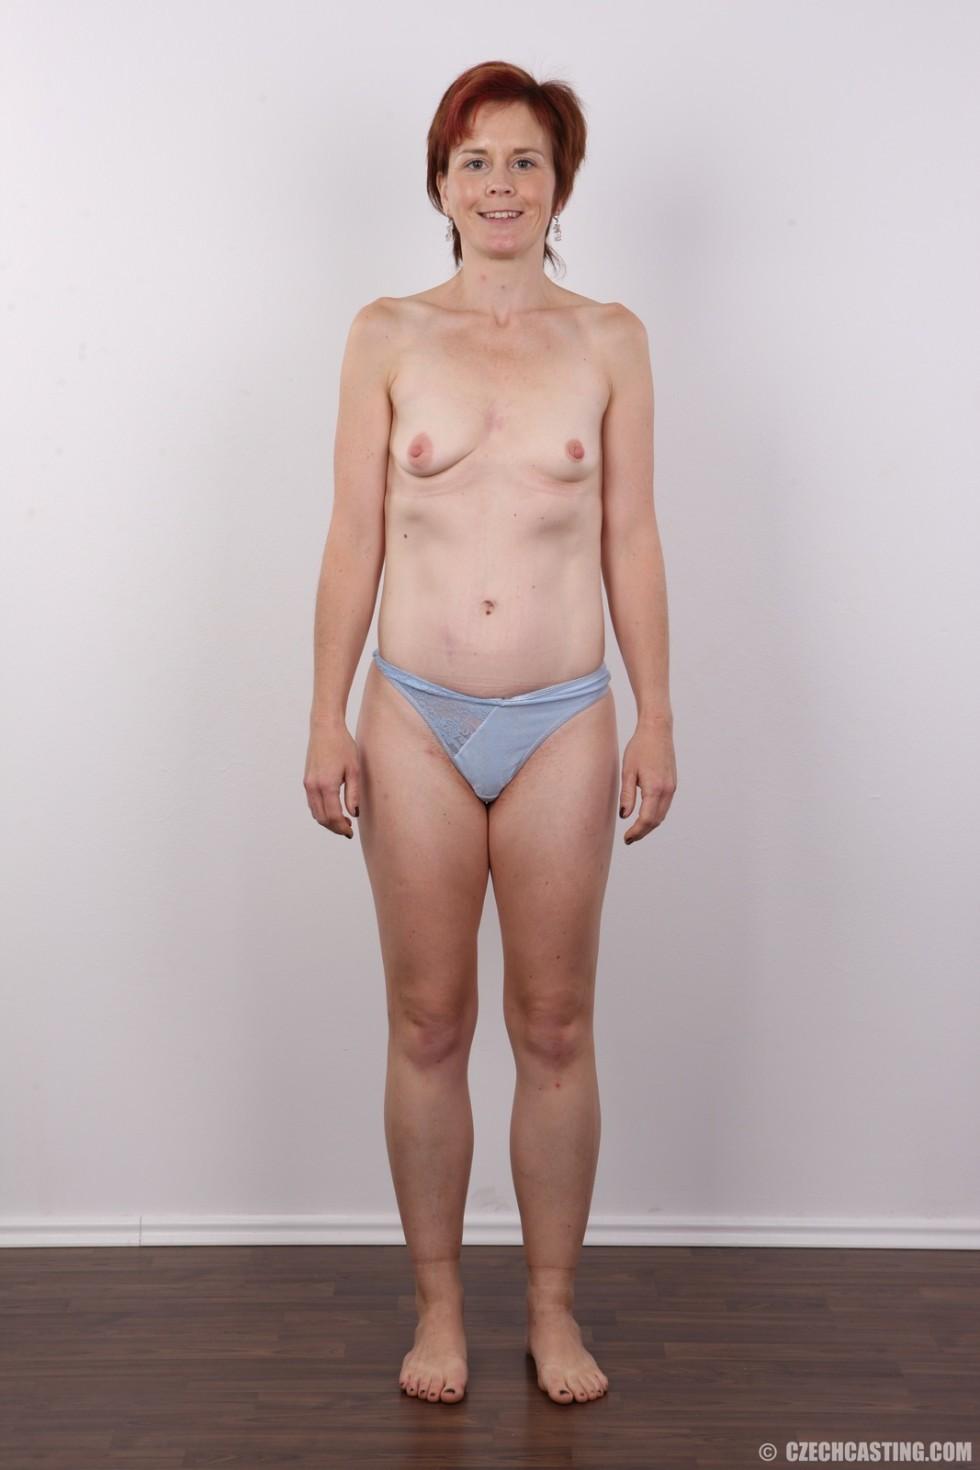 Nicole girl next door sex